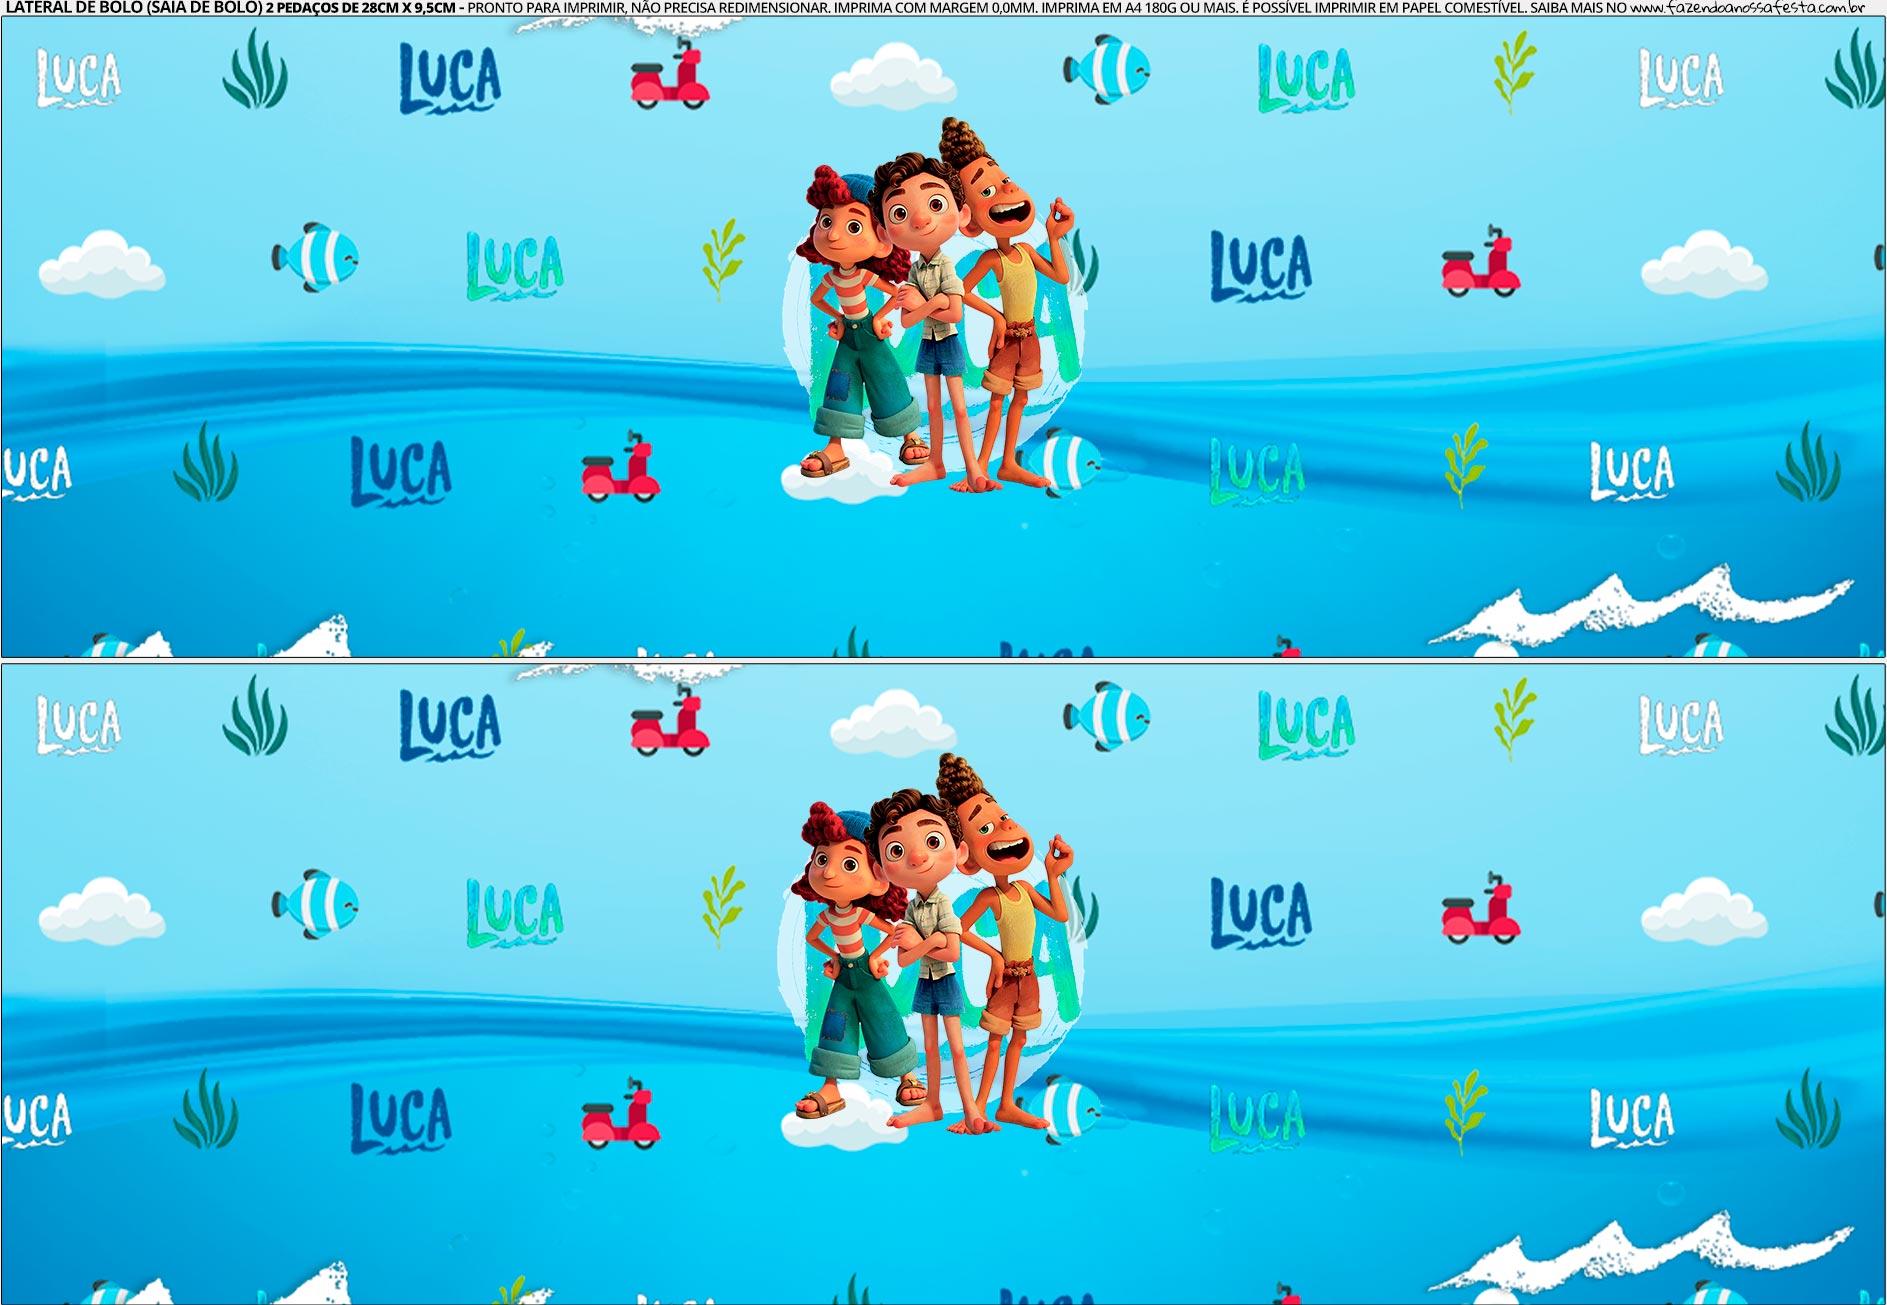 Saia de bolo Luca Disney